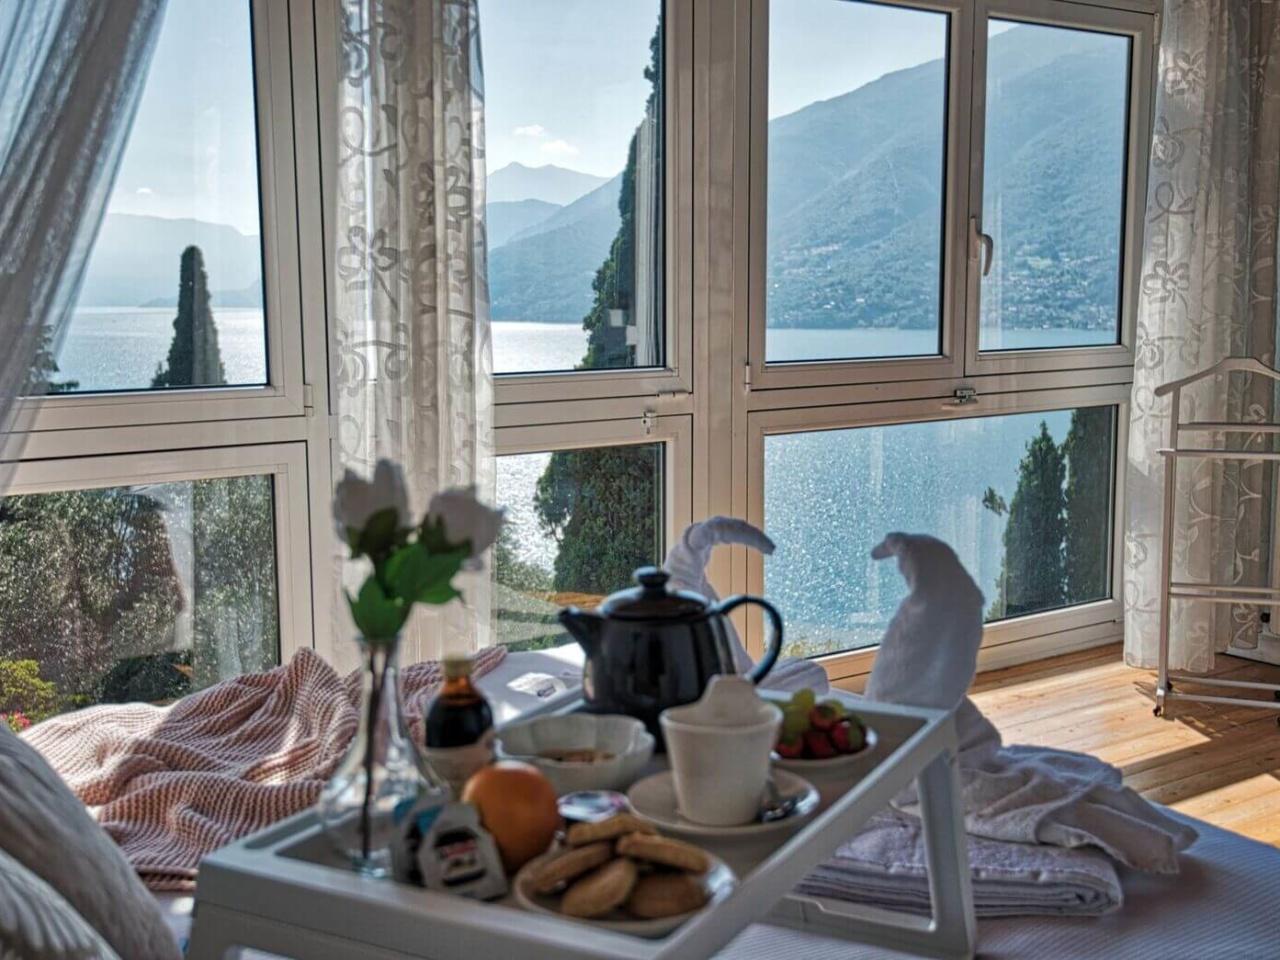 villa-meraviglia-colico-18-suite-con-vassoio-colazione